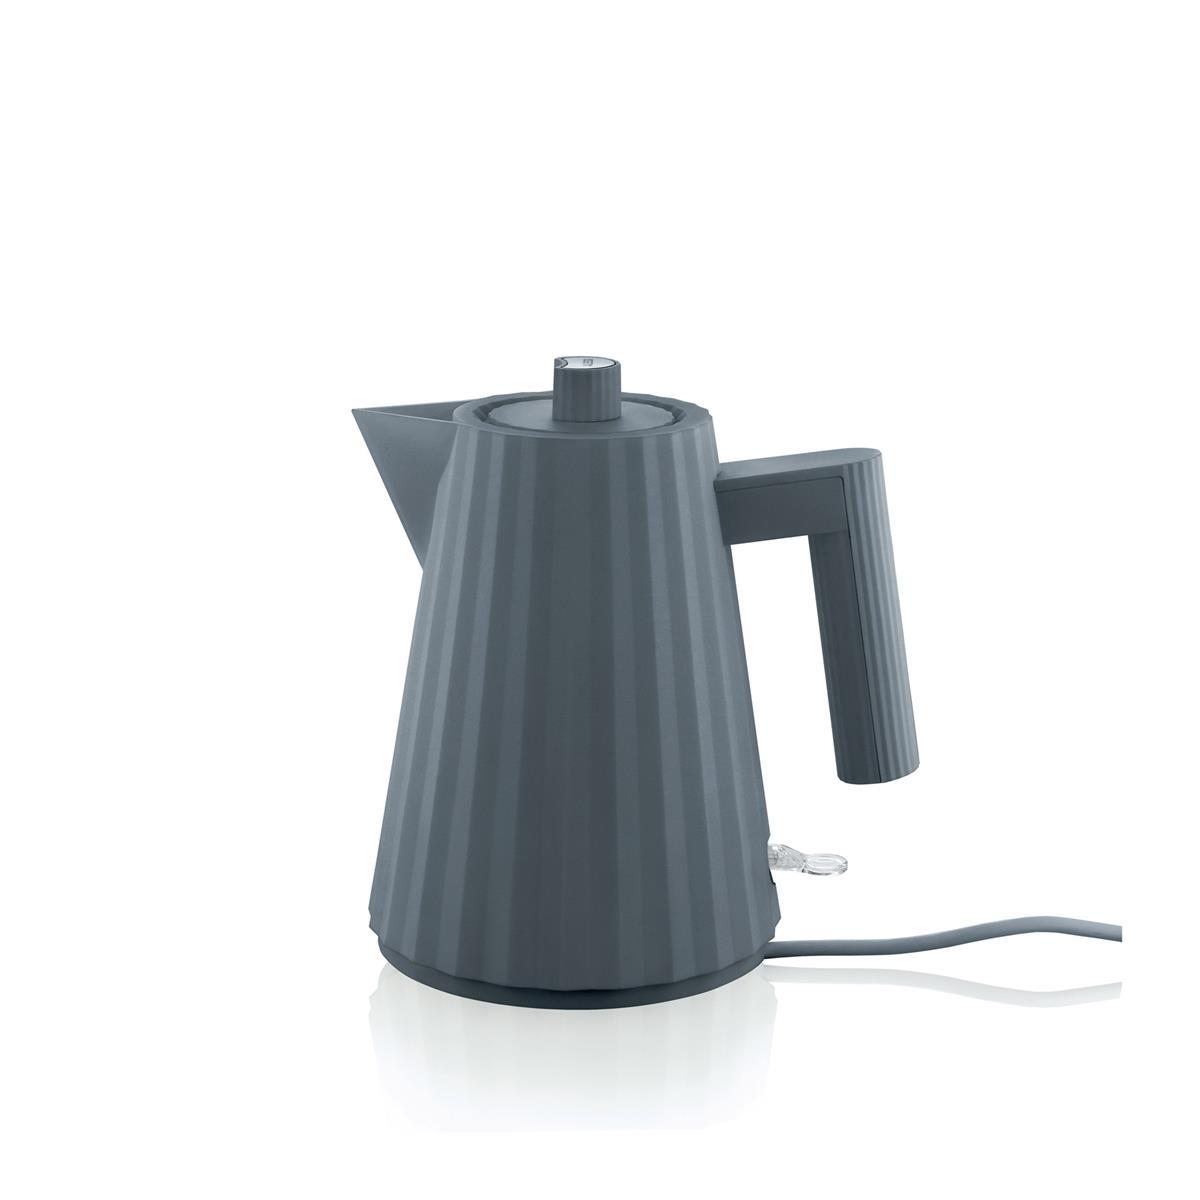 Alessi-Plissé Bollitore elettrico in resina termoplastica, grigio 2400W